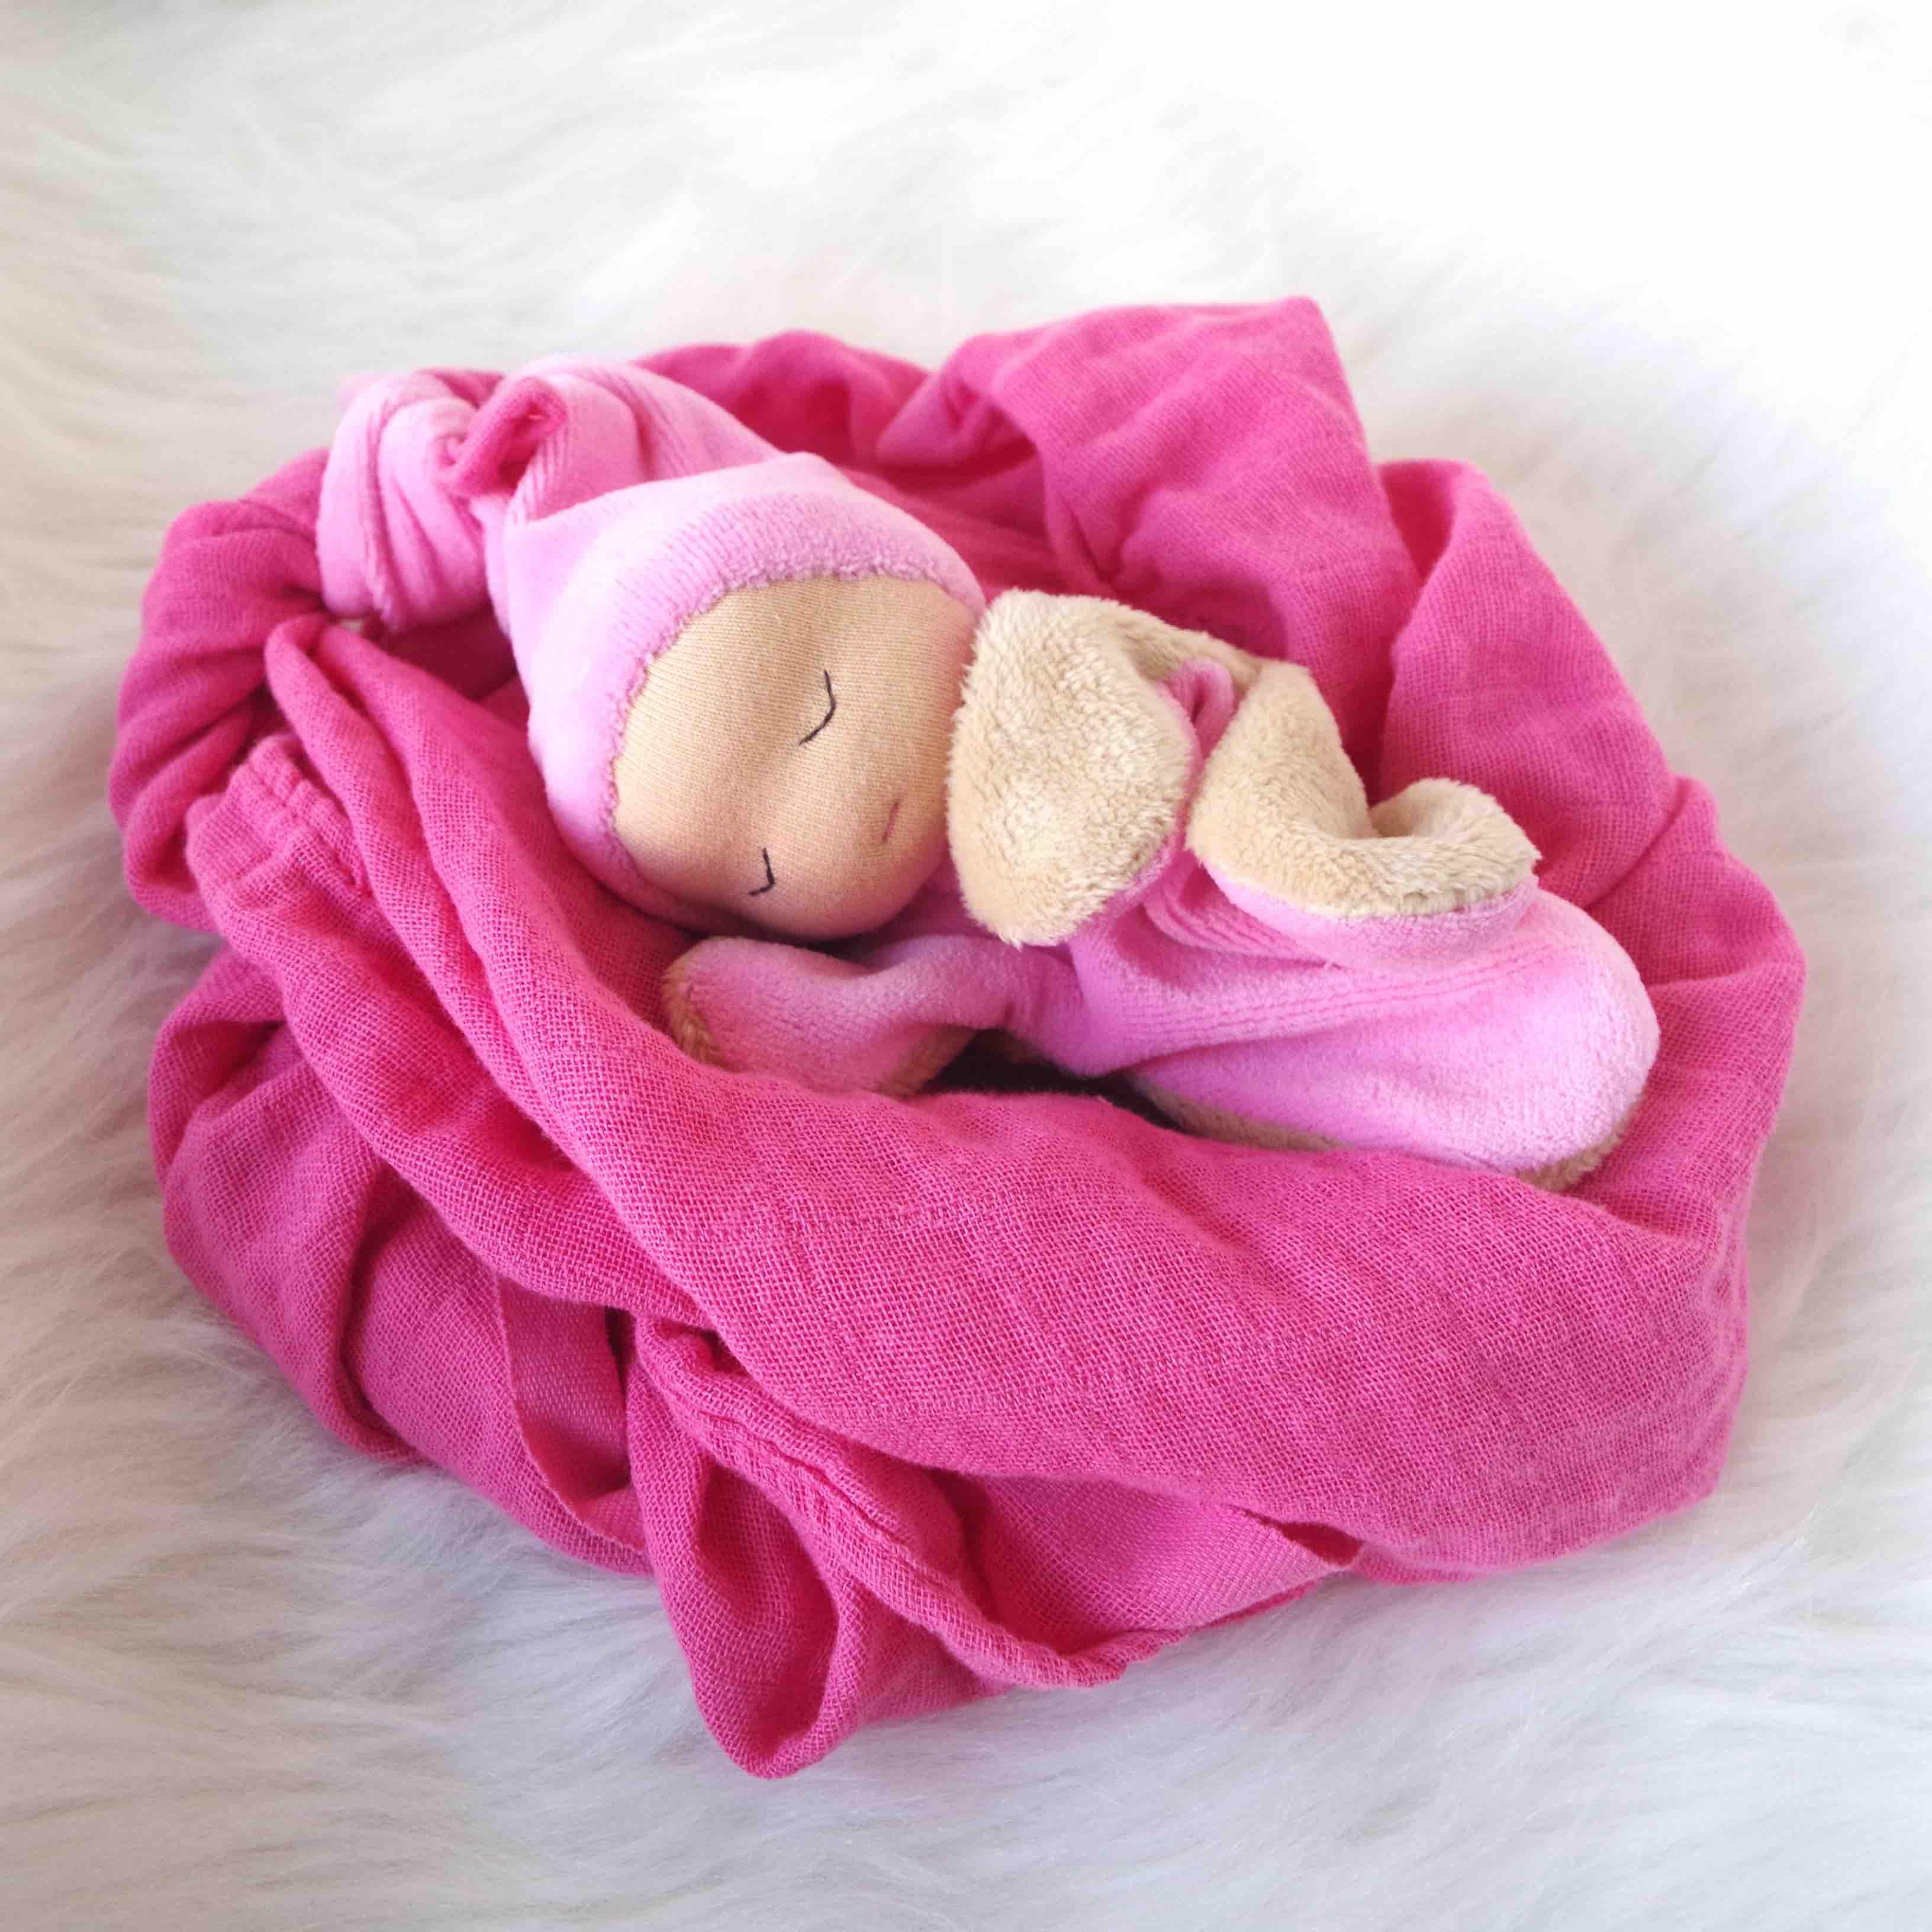 doudou lange poupinou rose cadeau de naissance createur normandie rouen normes ce fait main. Black Bedroom Furniture Sets. Home Design Ideas